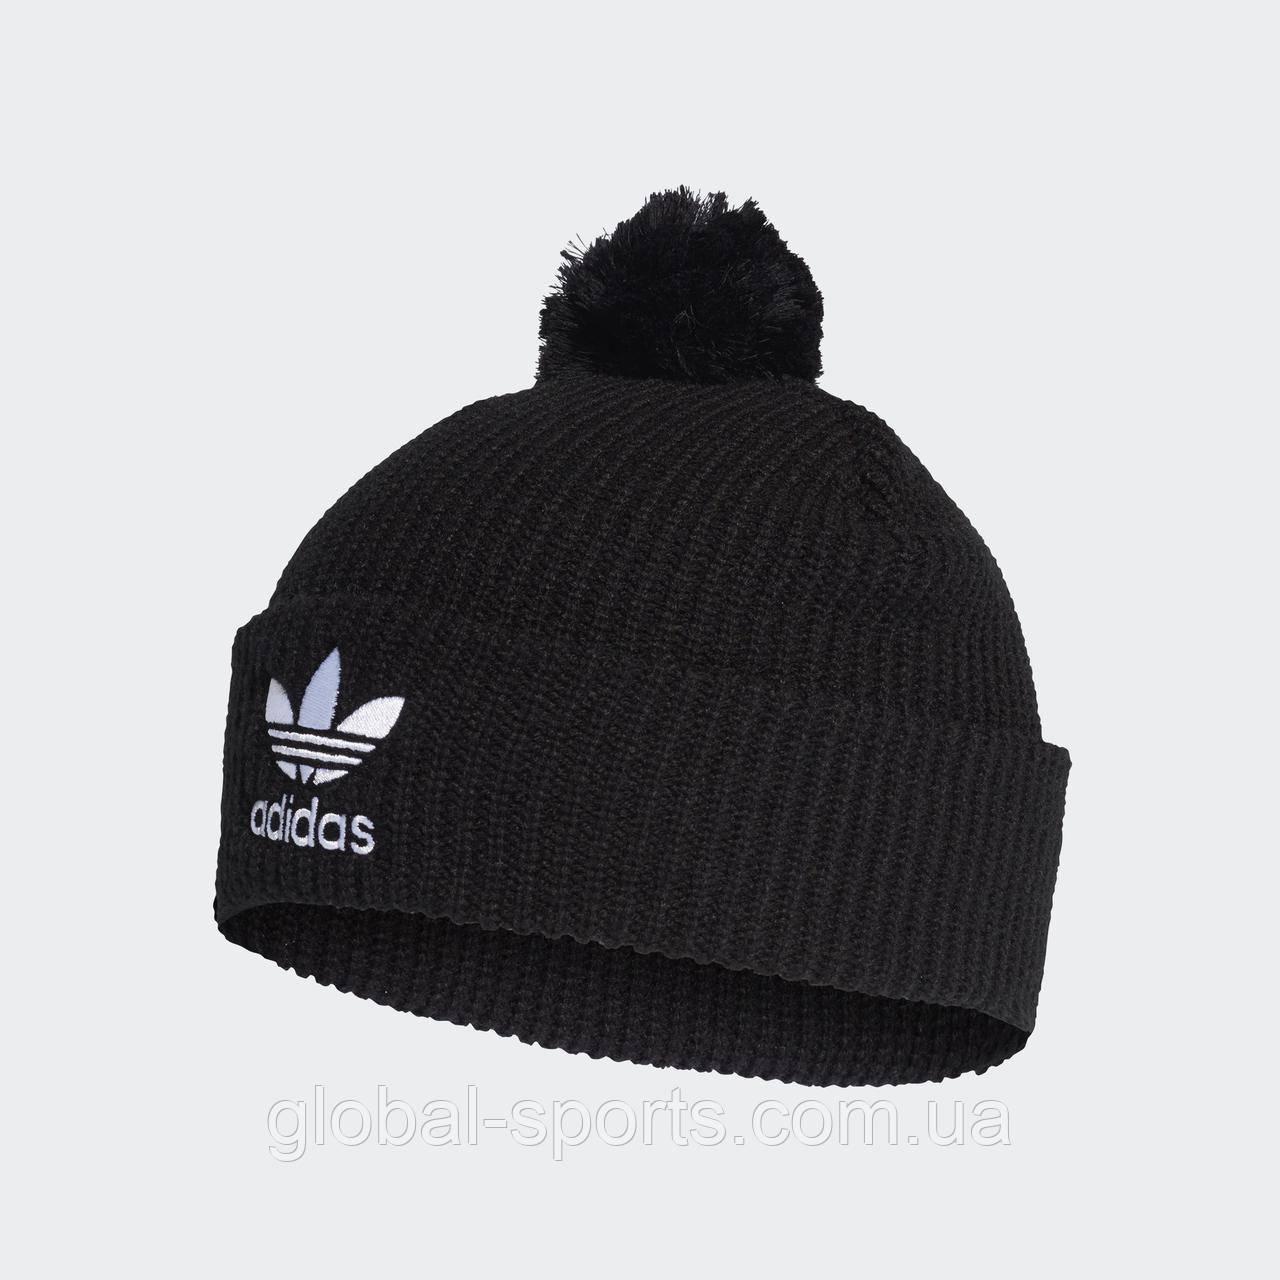 Шапка Adidas Originals Pompom(Артикул:D98942)